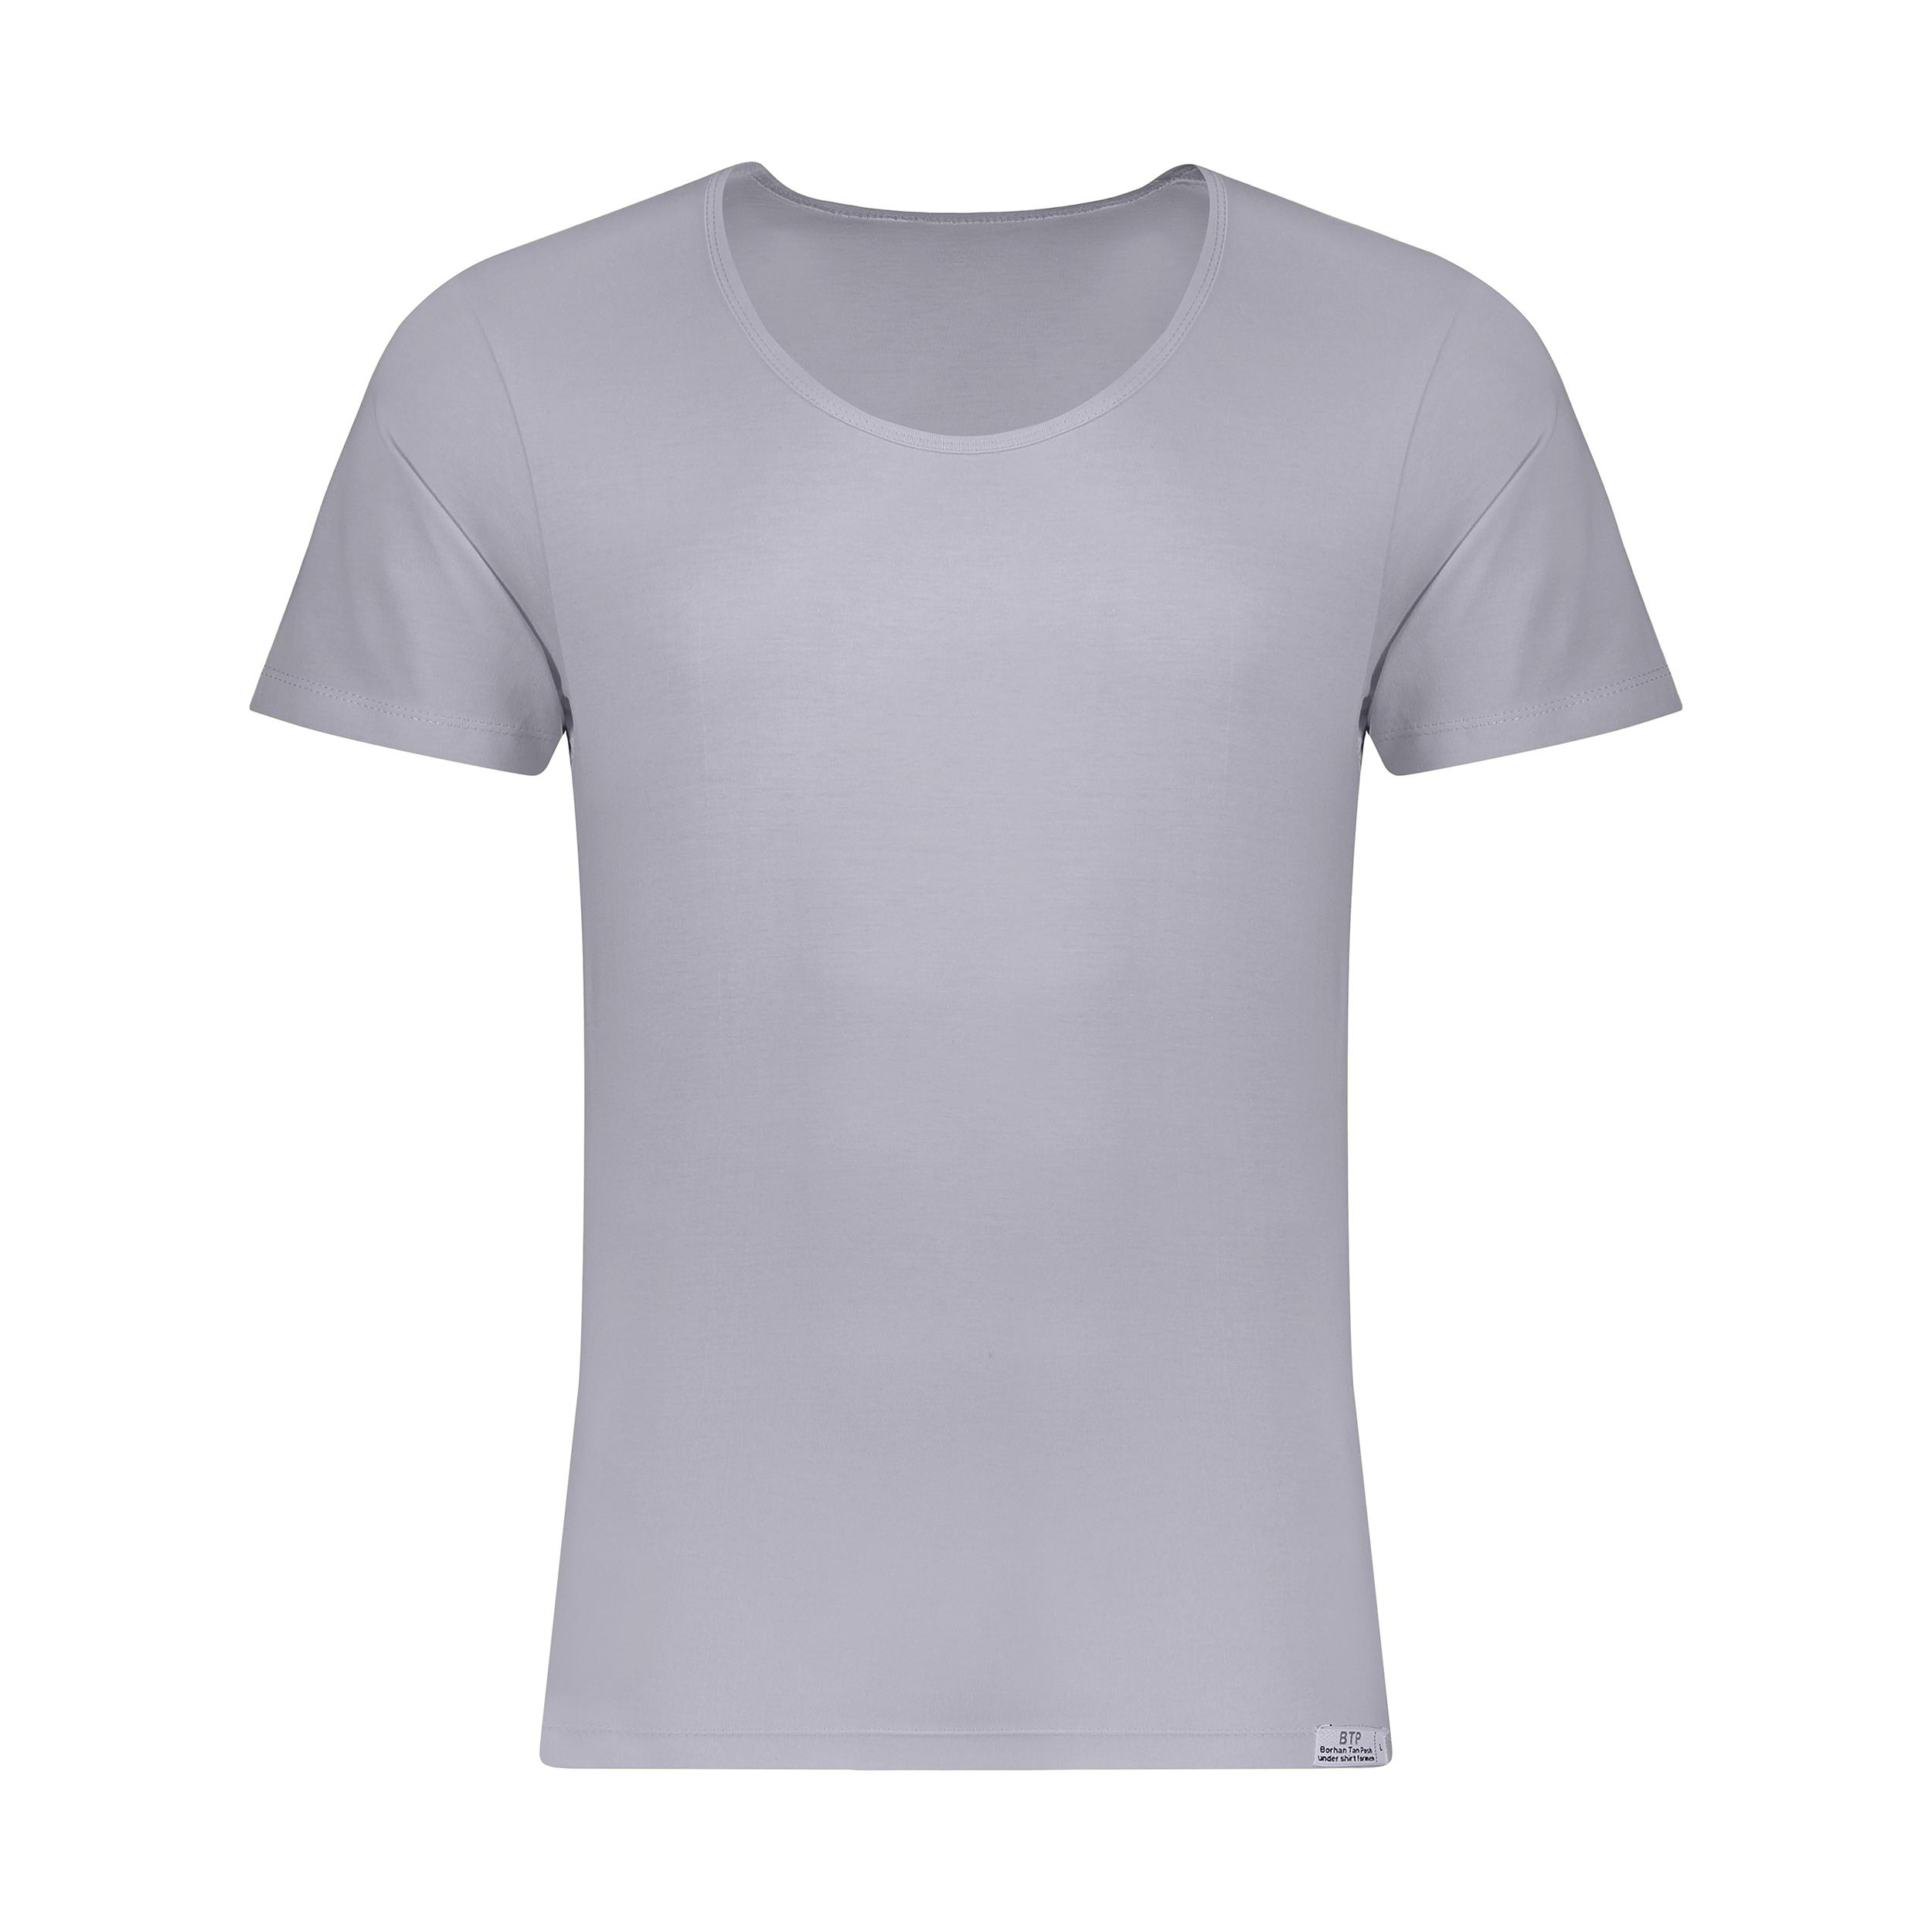 زیرپوش آستین دار مردانه برهان تن پوش مدل 1-02